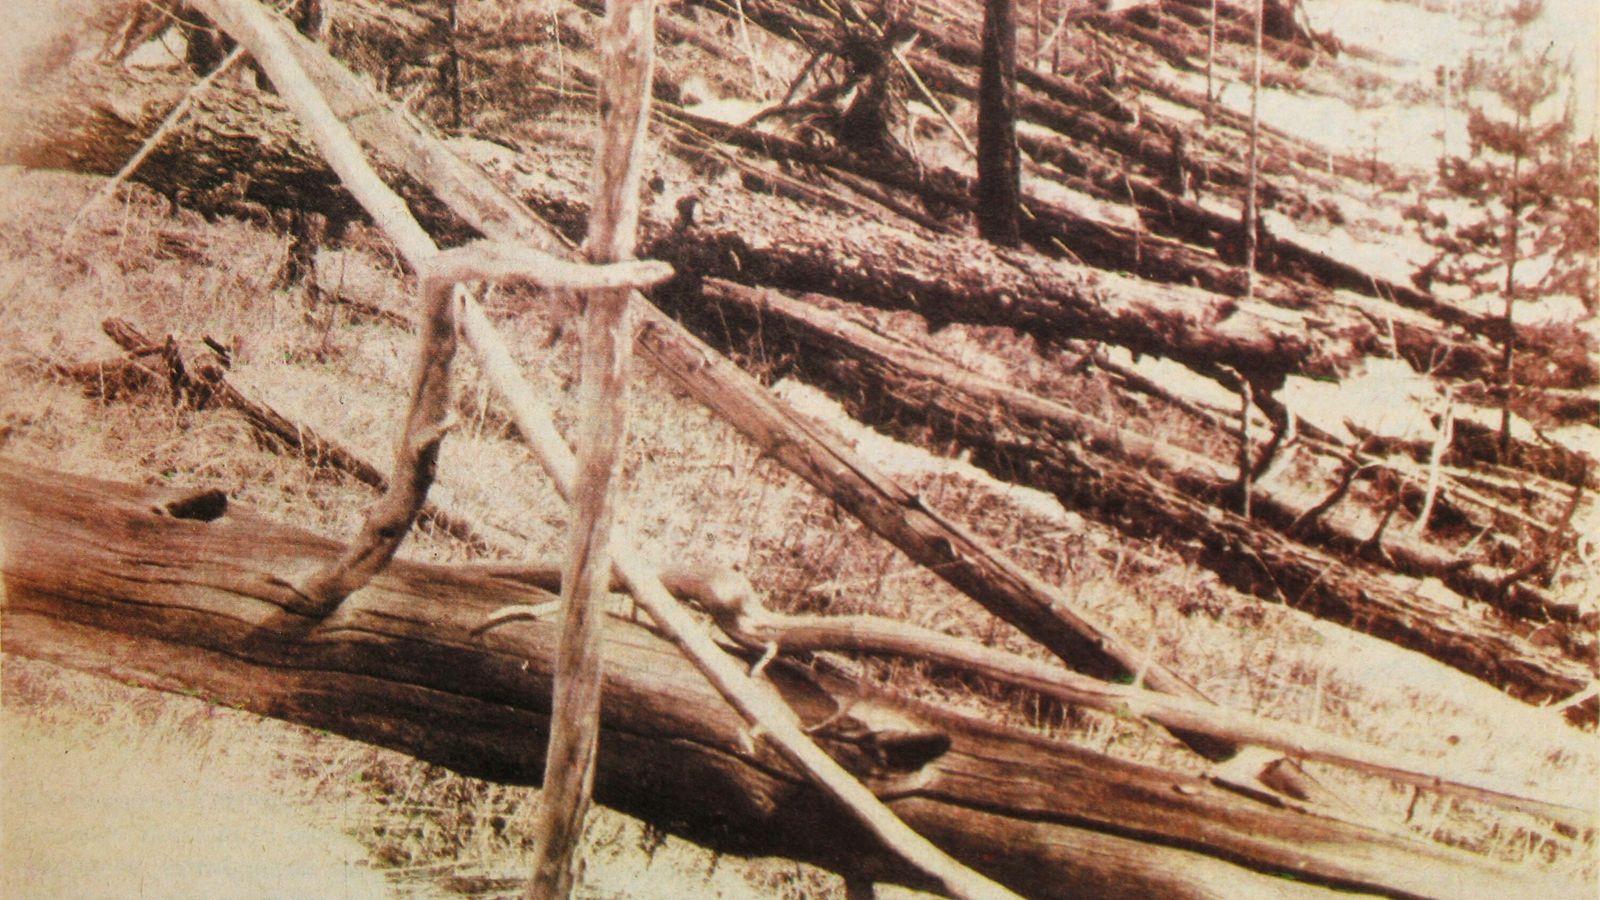 Originalaufnahme der Verwüstung: das Waldgebiet in der sibirischen Taiga ist völlig zerstört